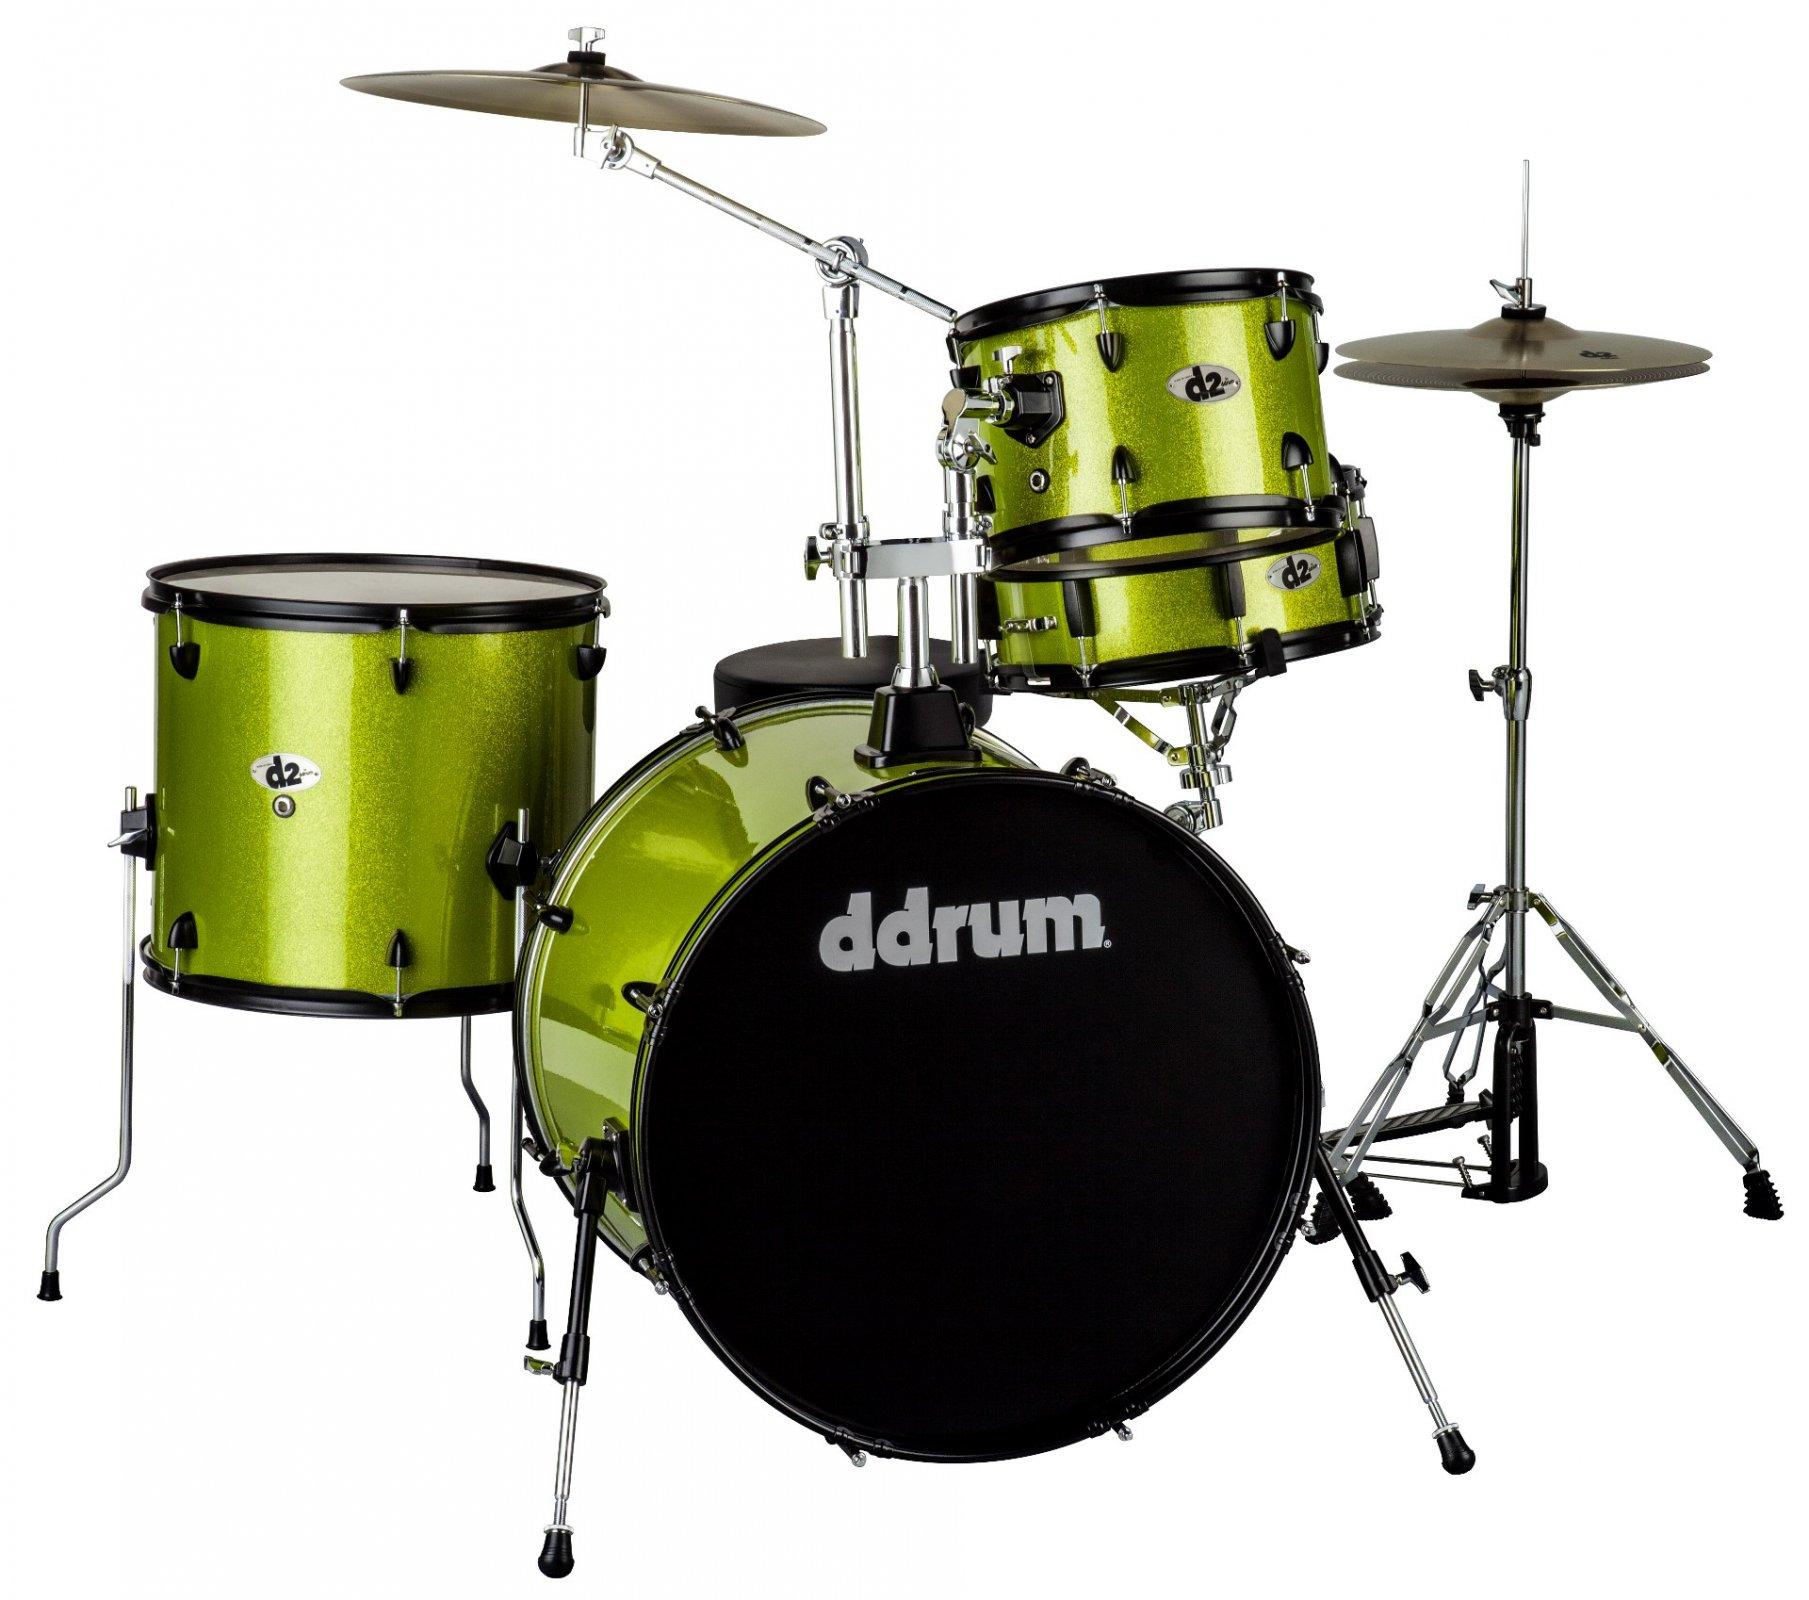 DDrum D2R LIME SPKL - 4pc- Lime Sparkle - Complete Kit